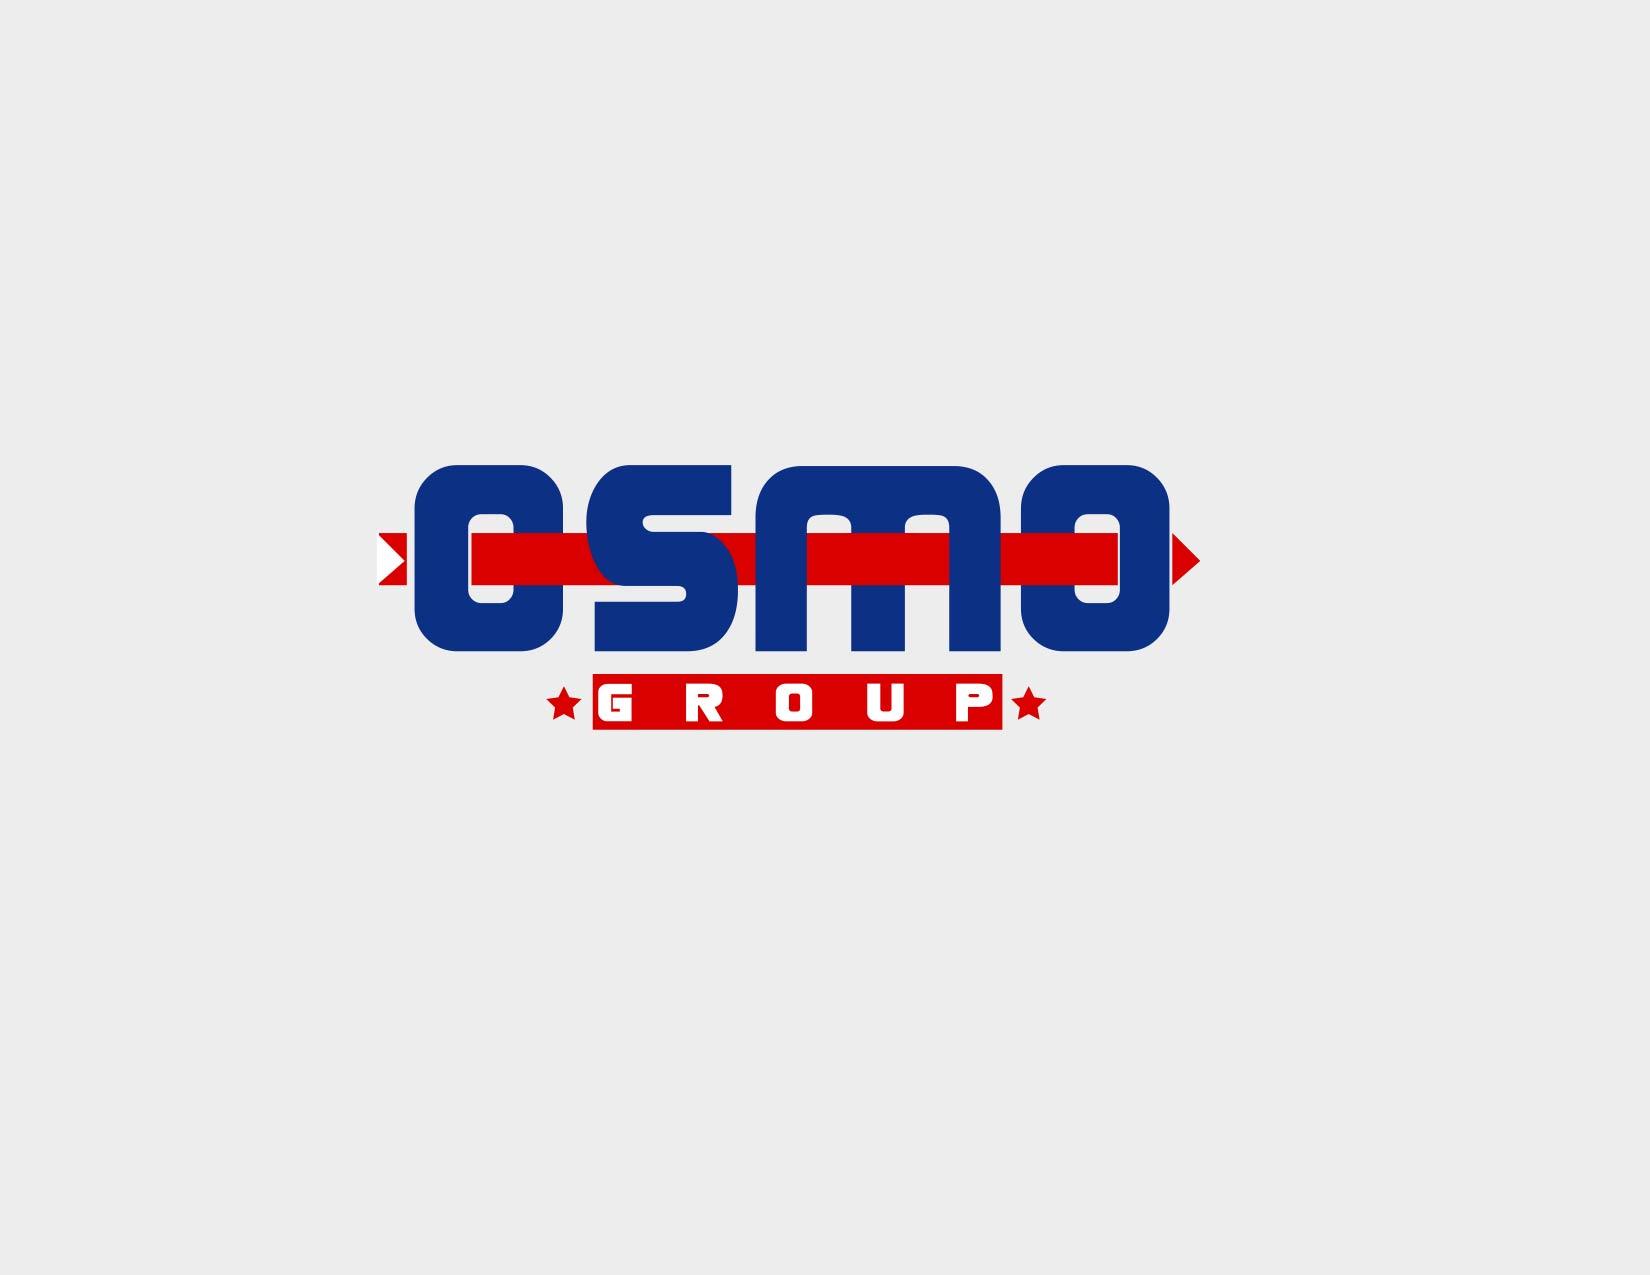 Создание логотипа для строительной компании OSMO group  фото f_85159b6b94c42909.jpg